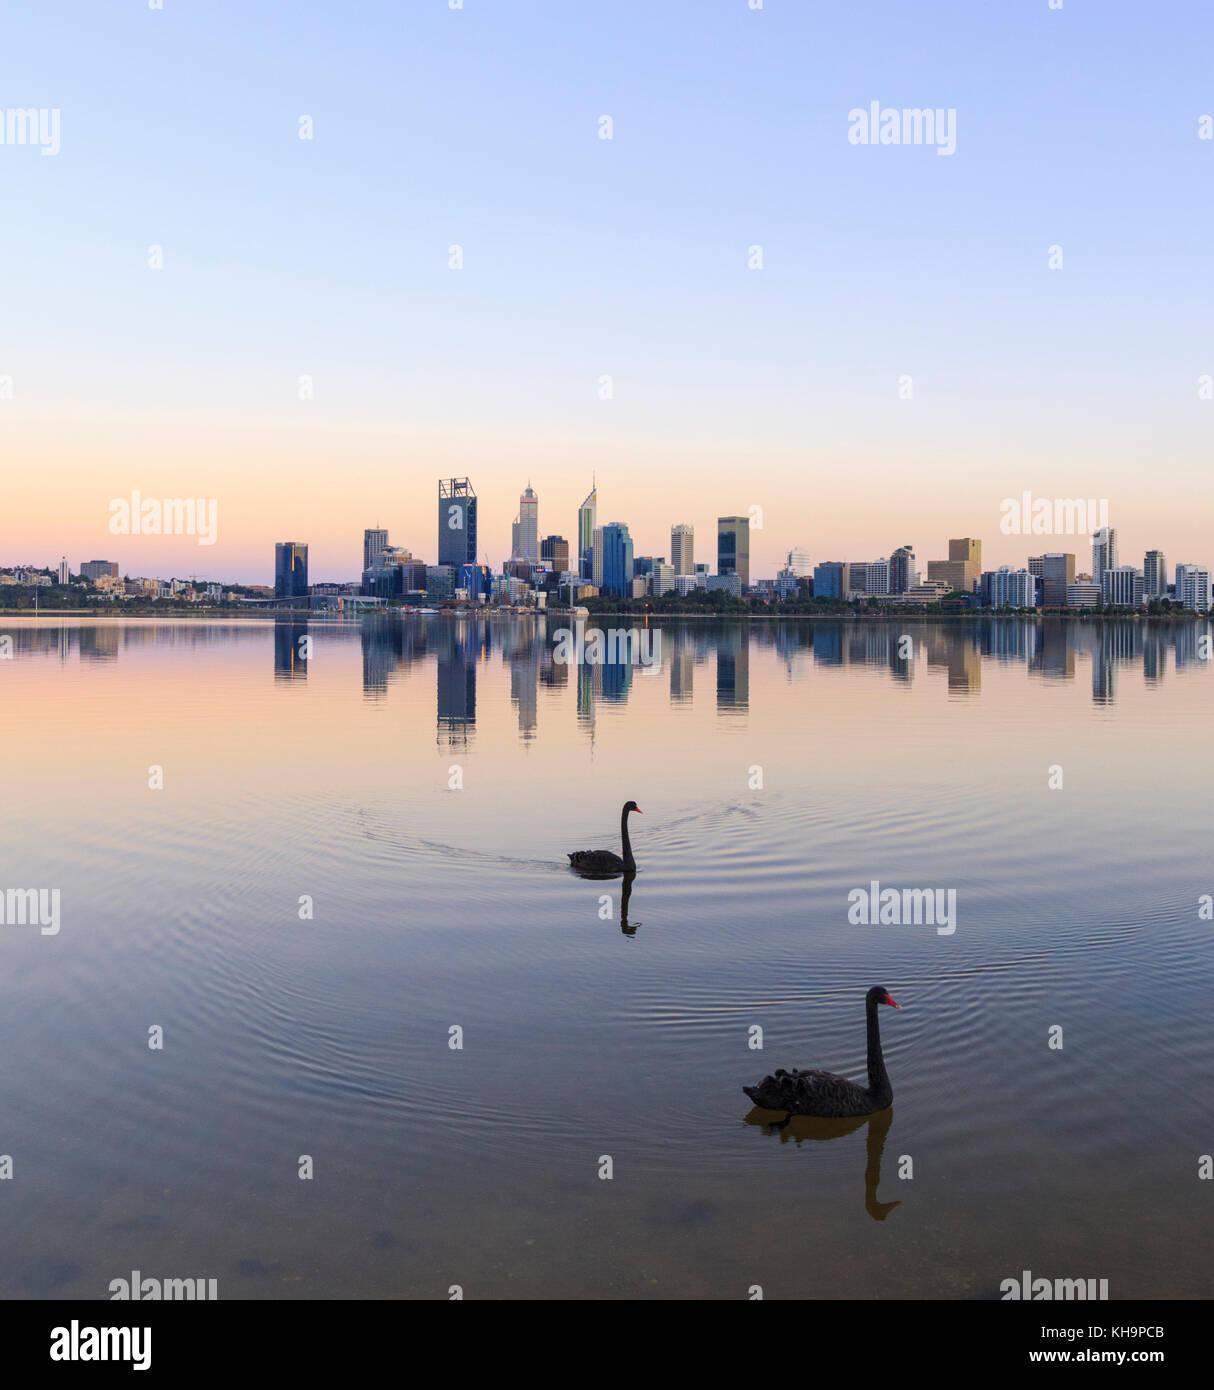 Deux cygnes noirs sur la rivière Swan au lever du soleil. Photo Stock